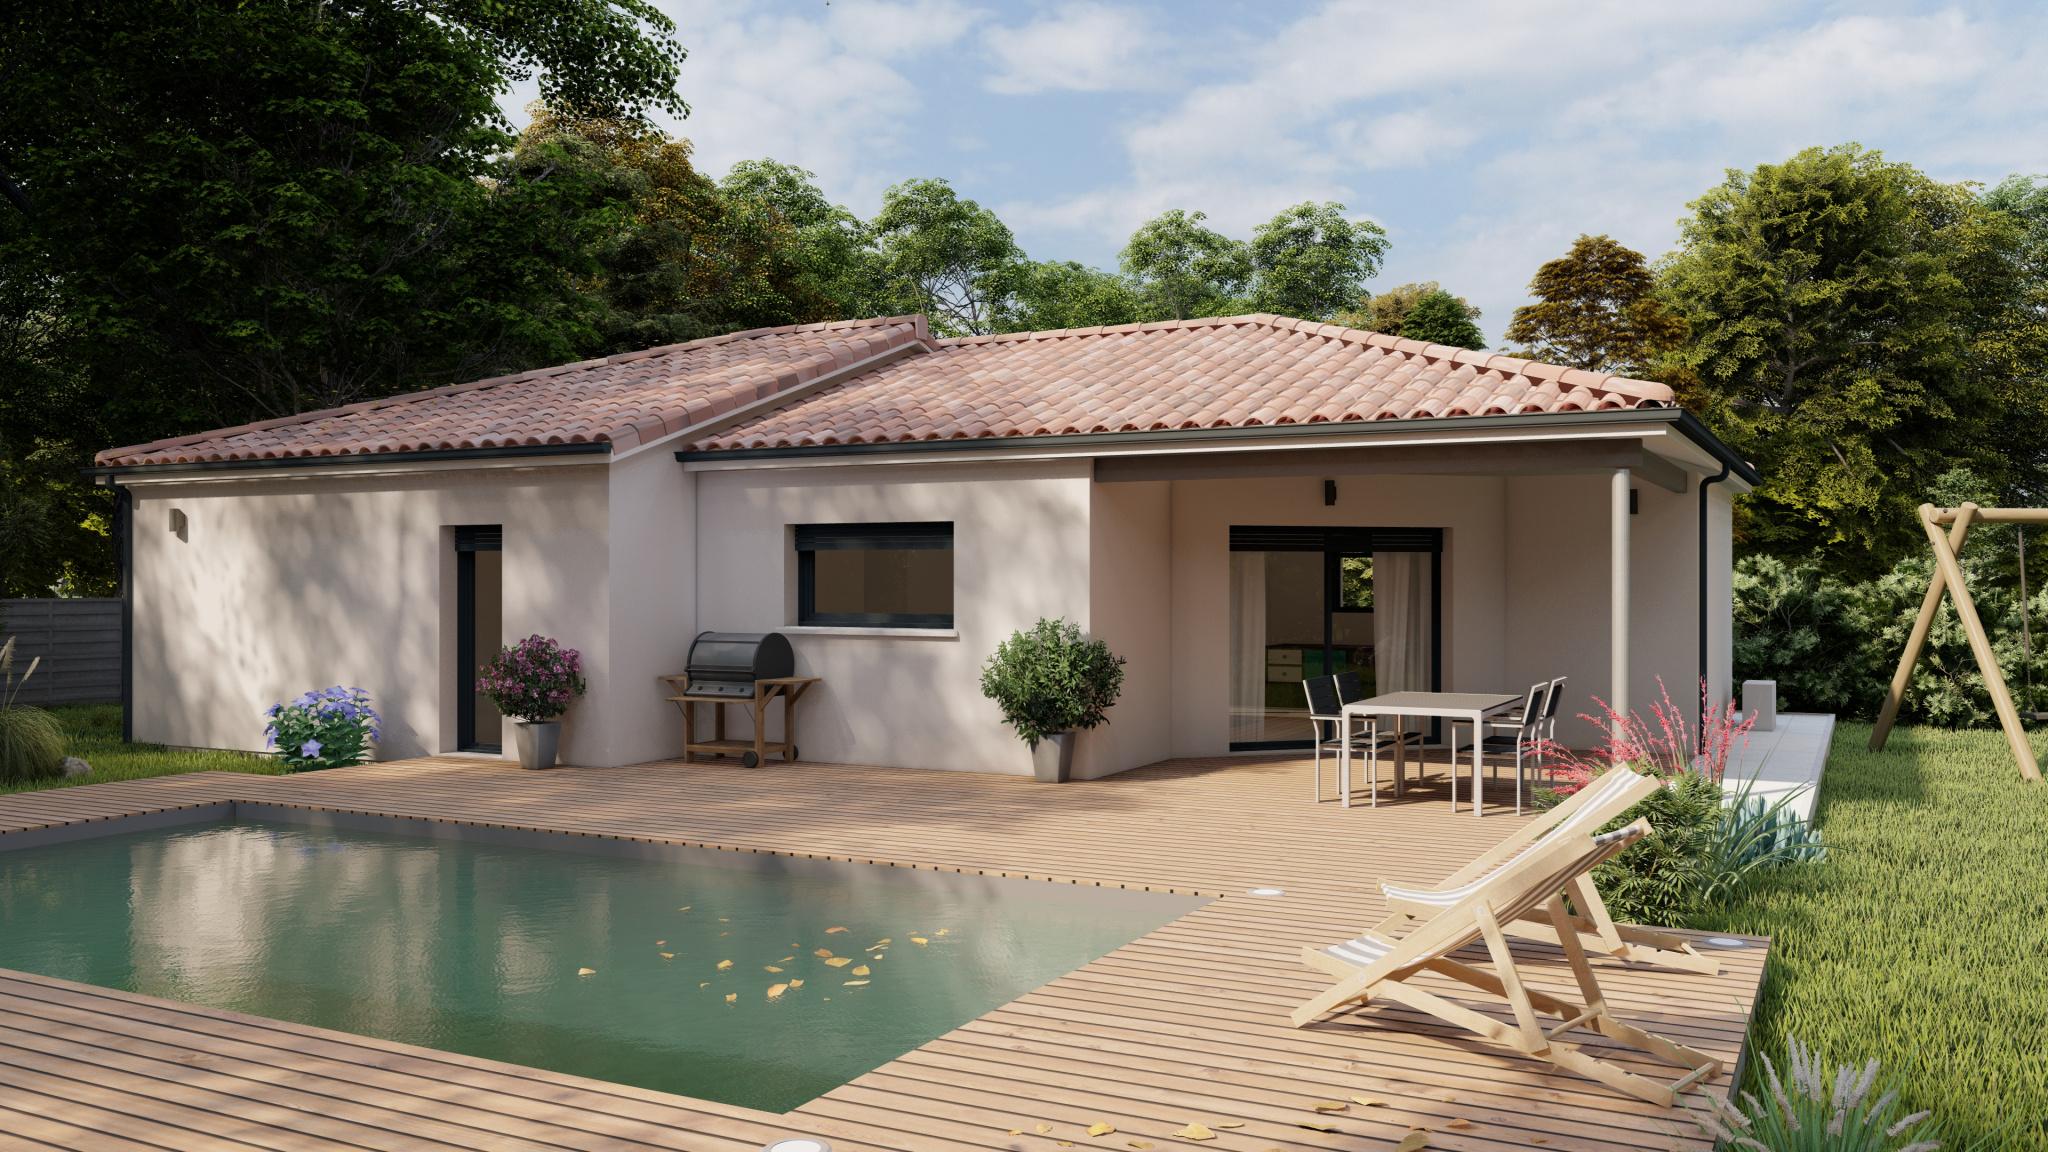 Vente maison à Bas mauco (40500) de 102 m2 habitable sur terrain de 690 m2